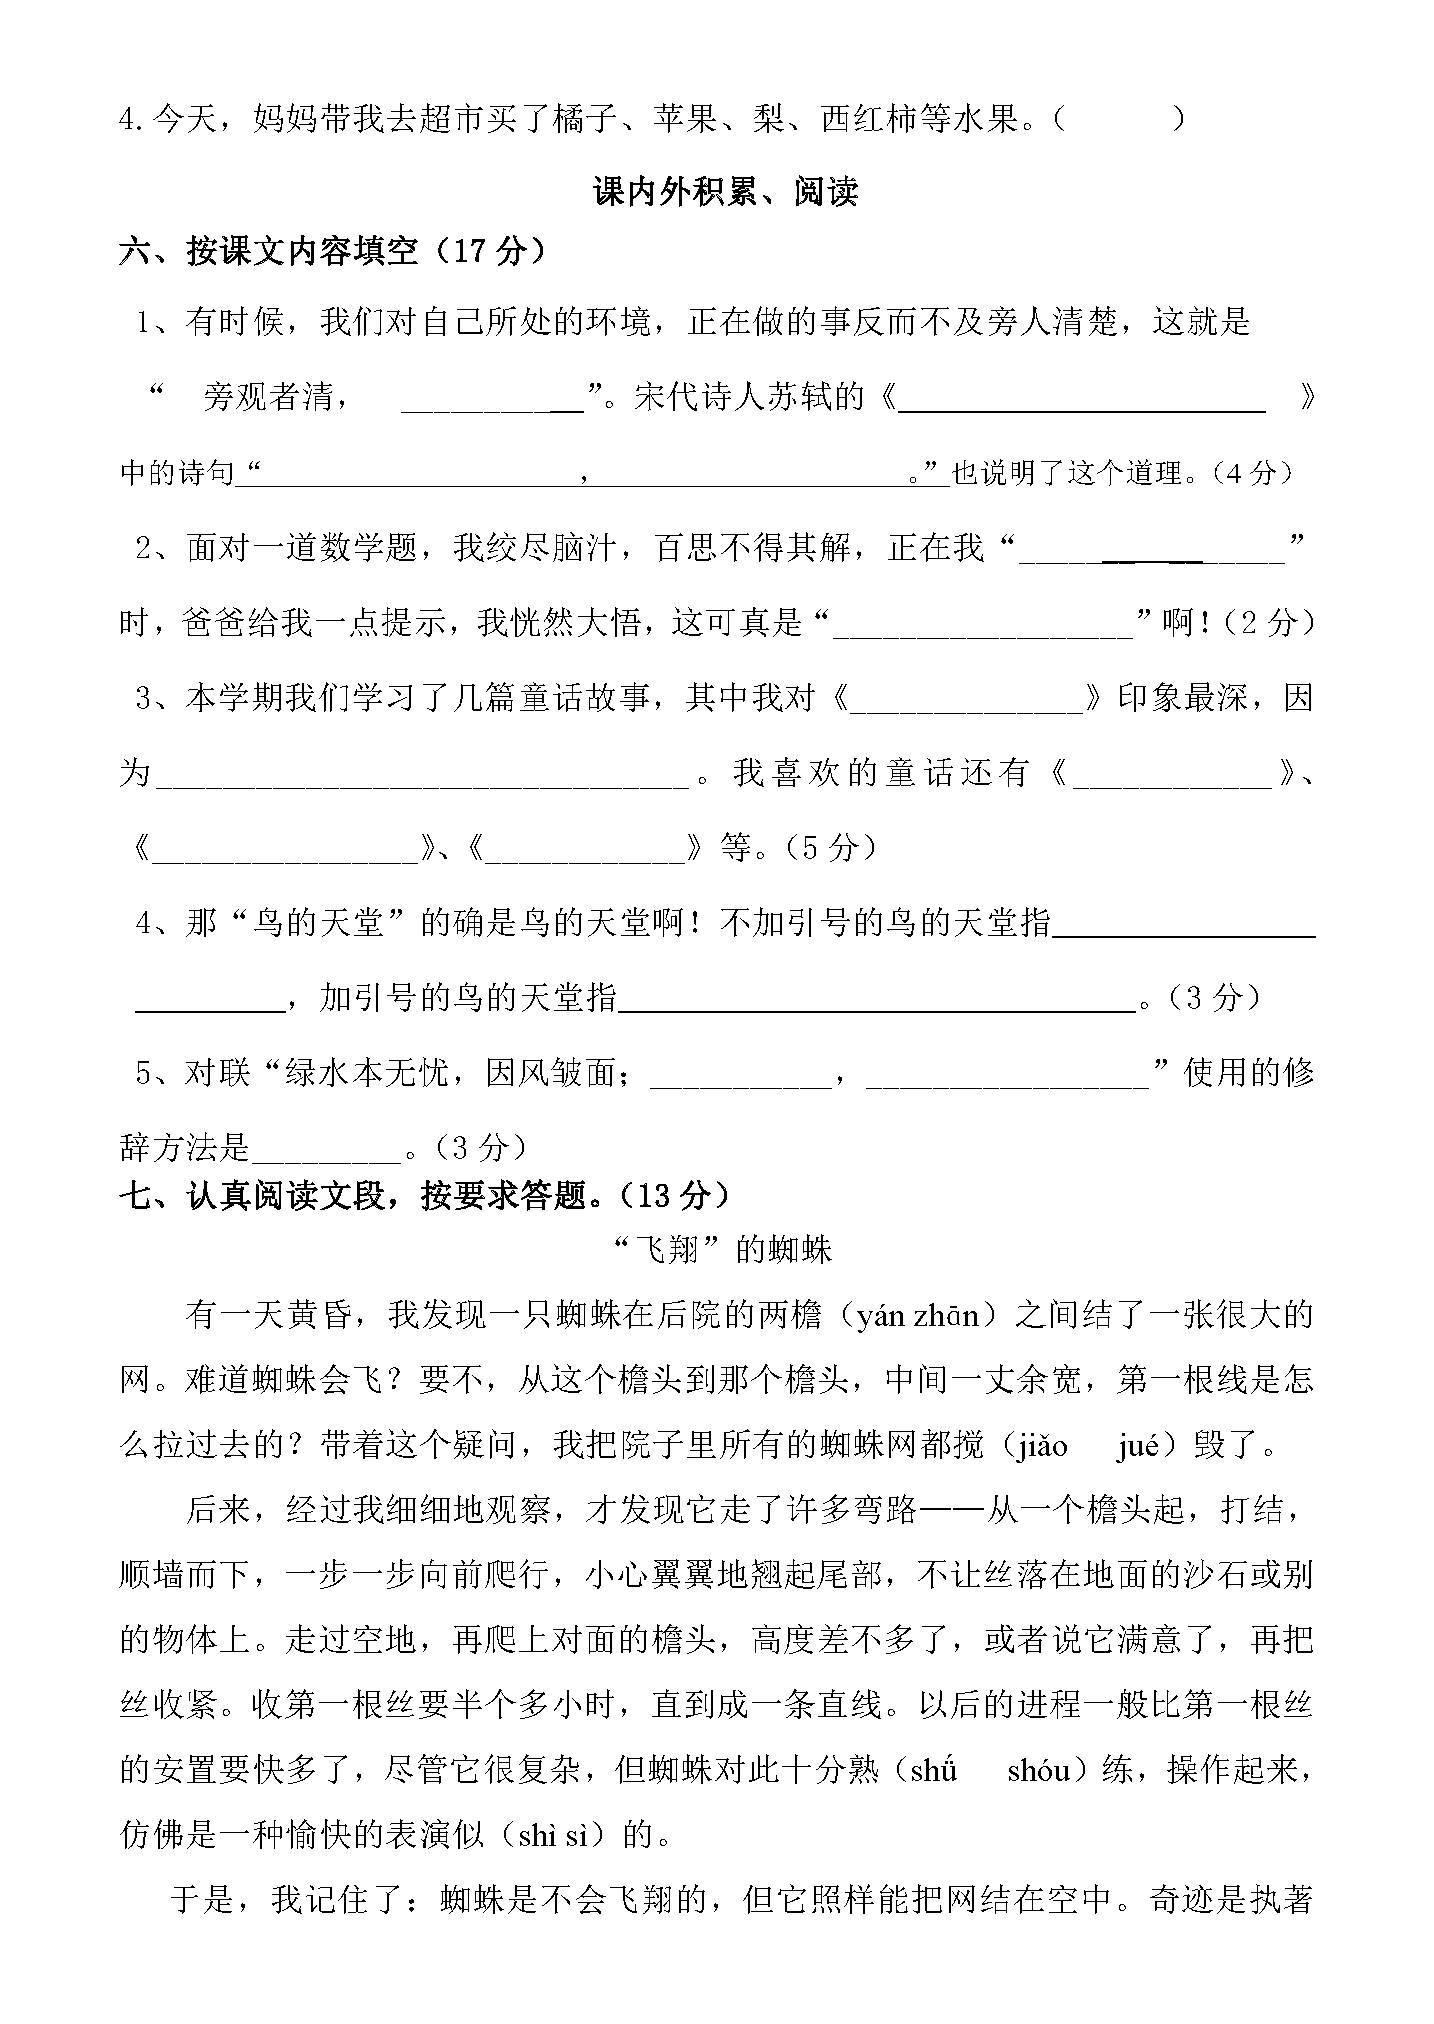 国际奥委会无视韩国请求!官方表态扶持北京,俄媒:美国去哪了?